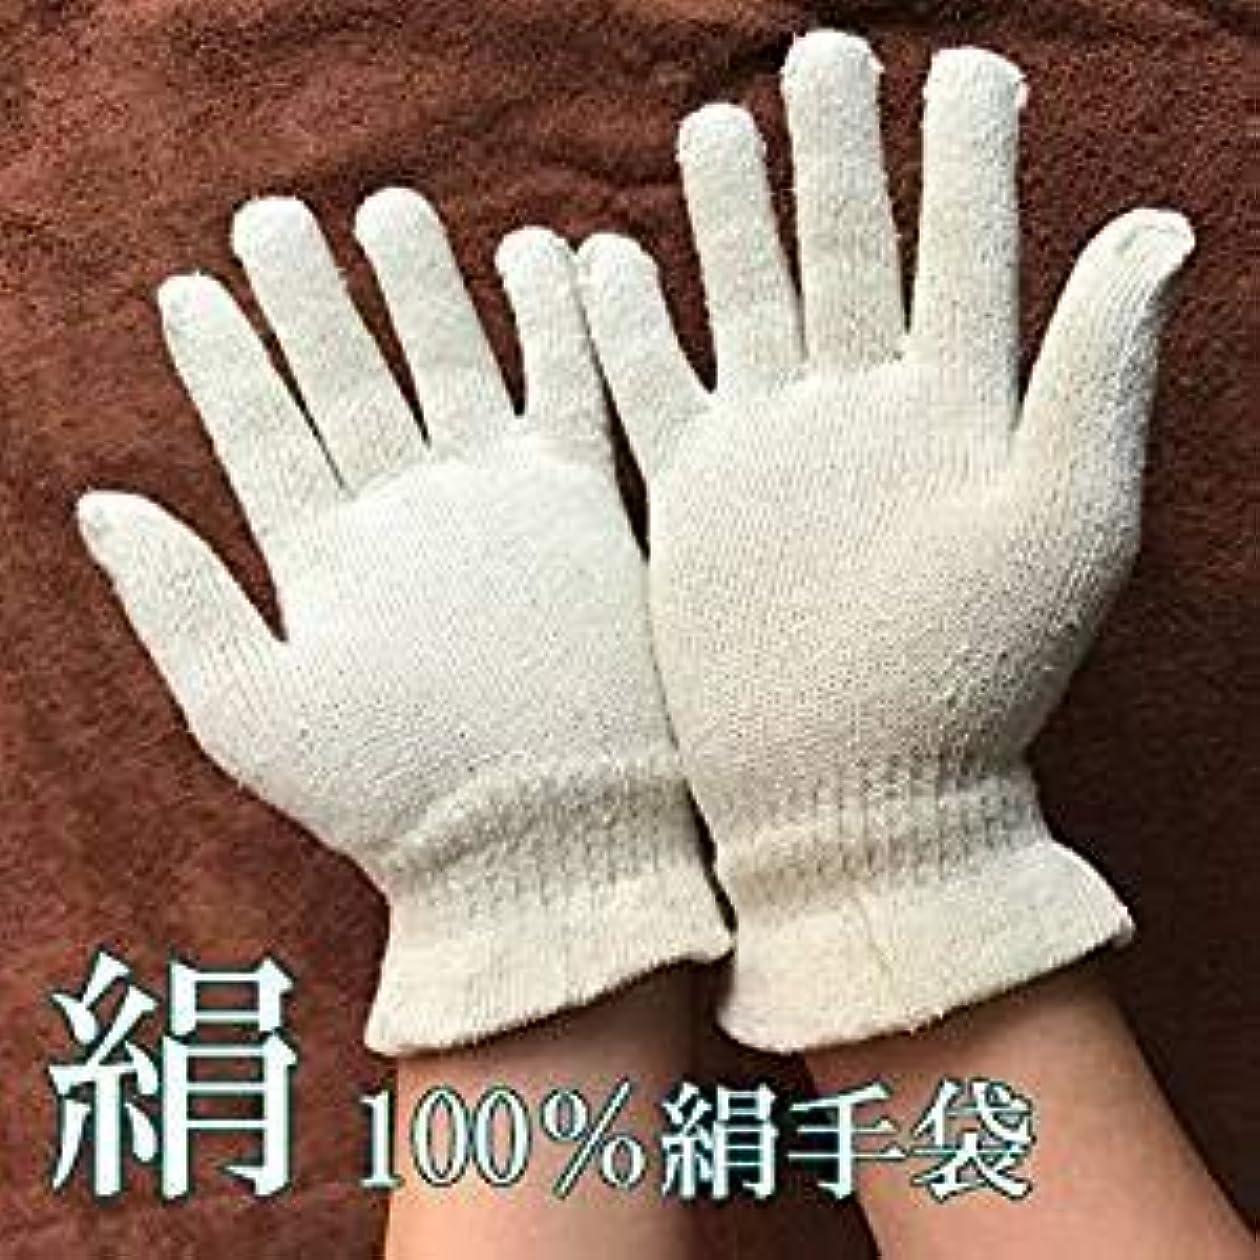 あごひげスリーブ対立絹手袋2枚セット【ガルシャナ アーユルヴェーダ】カパ体質 おやすみ手袋 丈夫 手荒れケア 絹手袋 シルク手袋